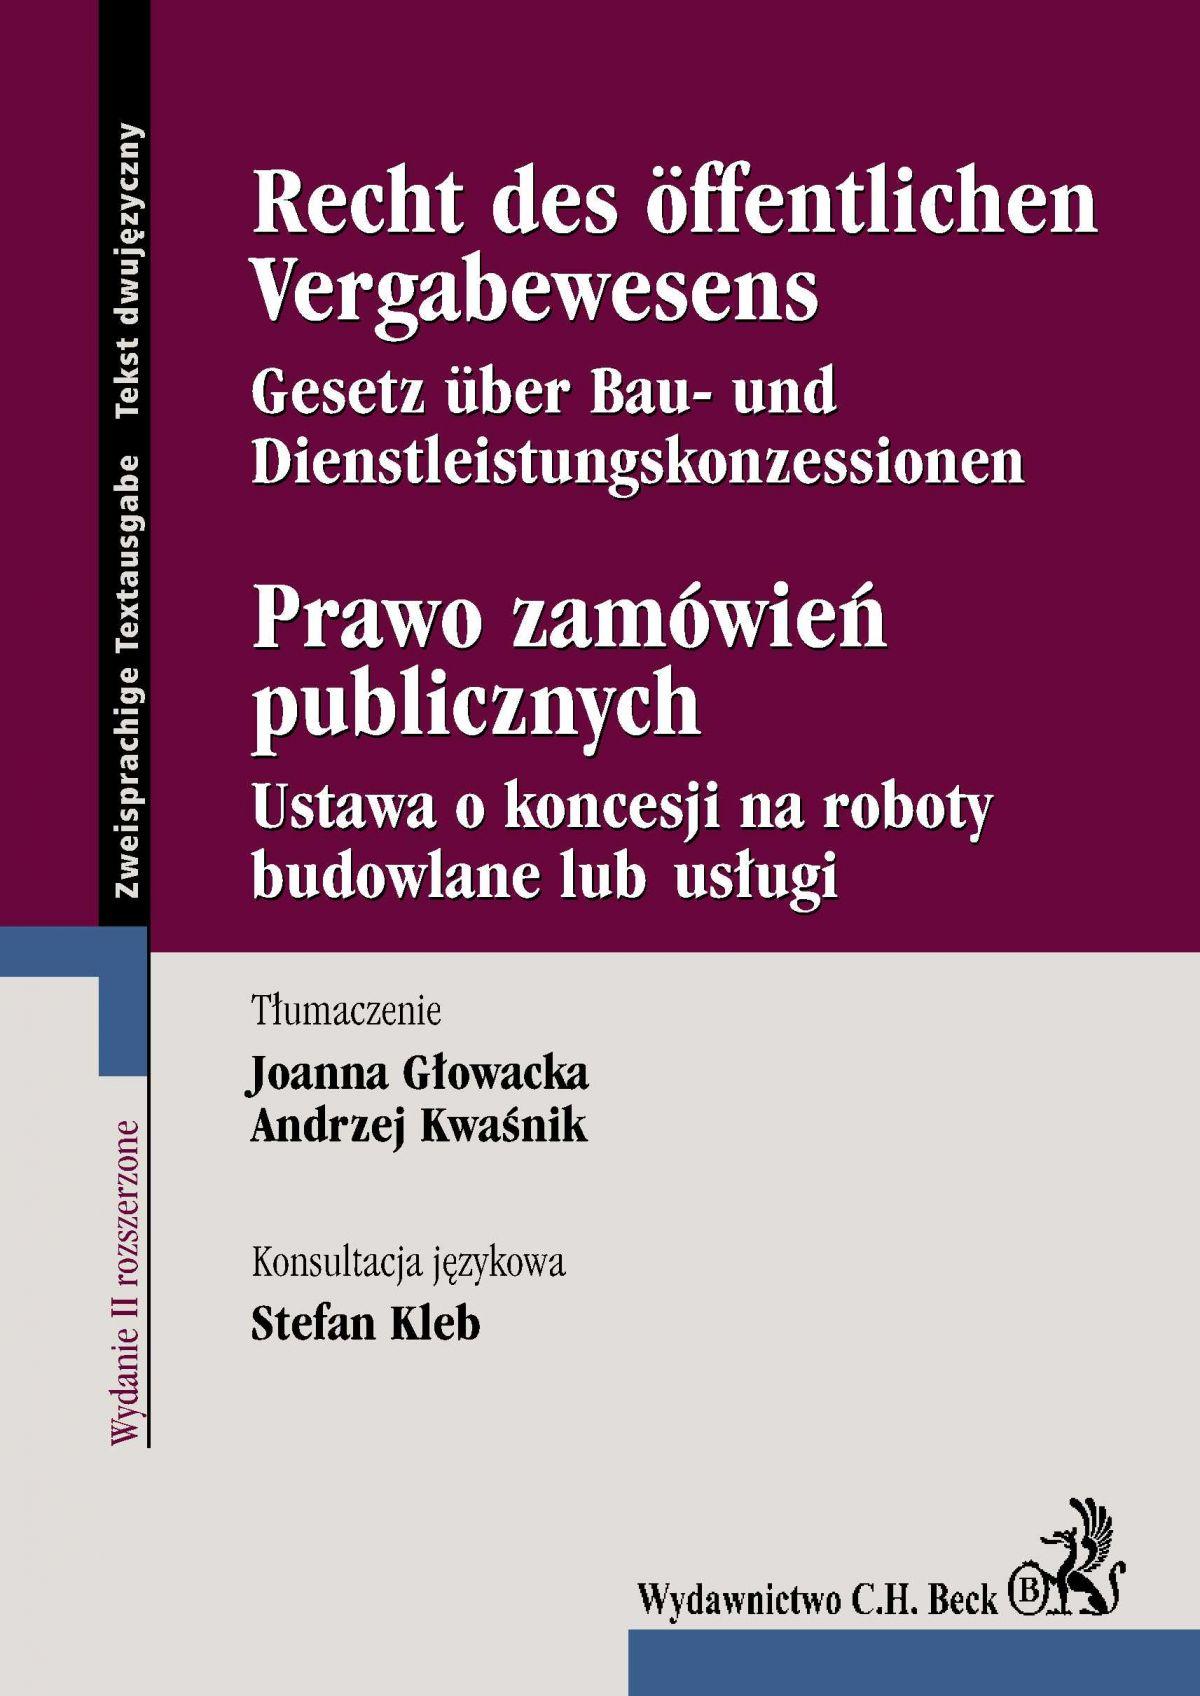 Prawo zamówień publicznych. Recht des Öffentlichen Vergabewesens - Ebook (Książka PDF) do pobrania w formacie PDF